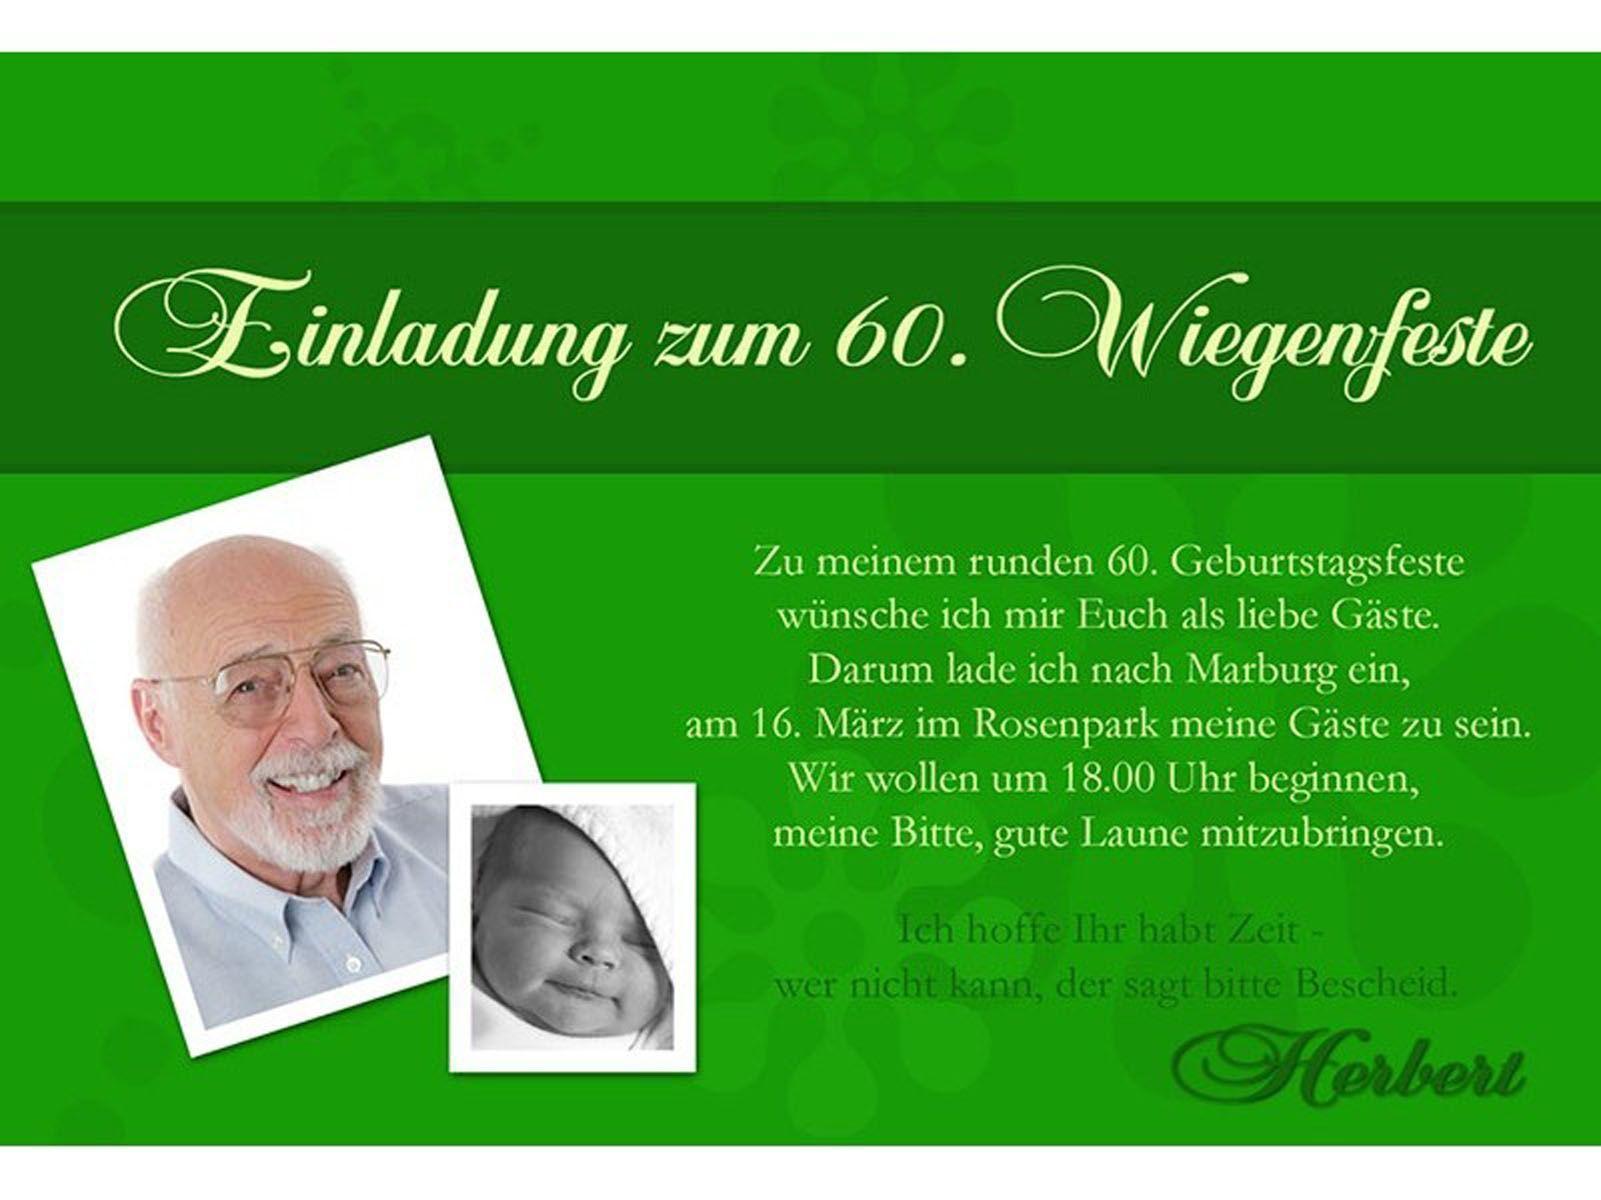 Einladungskarten Geburtstag Einladungskarten 60 Geburtstag Vorlagen Einladung Zum G Einladung 60 Geburtstag Einladung Geburtstag Text Einladung Geburtstag